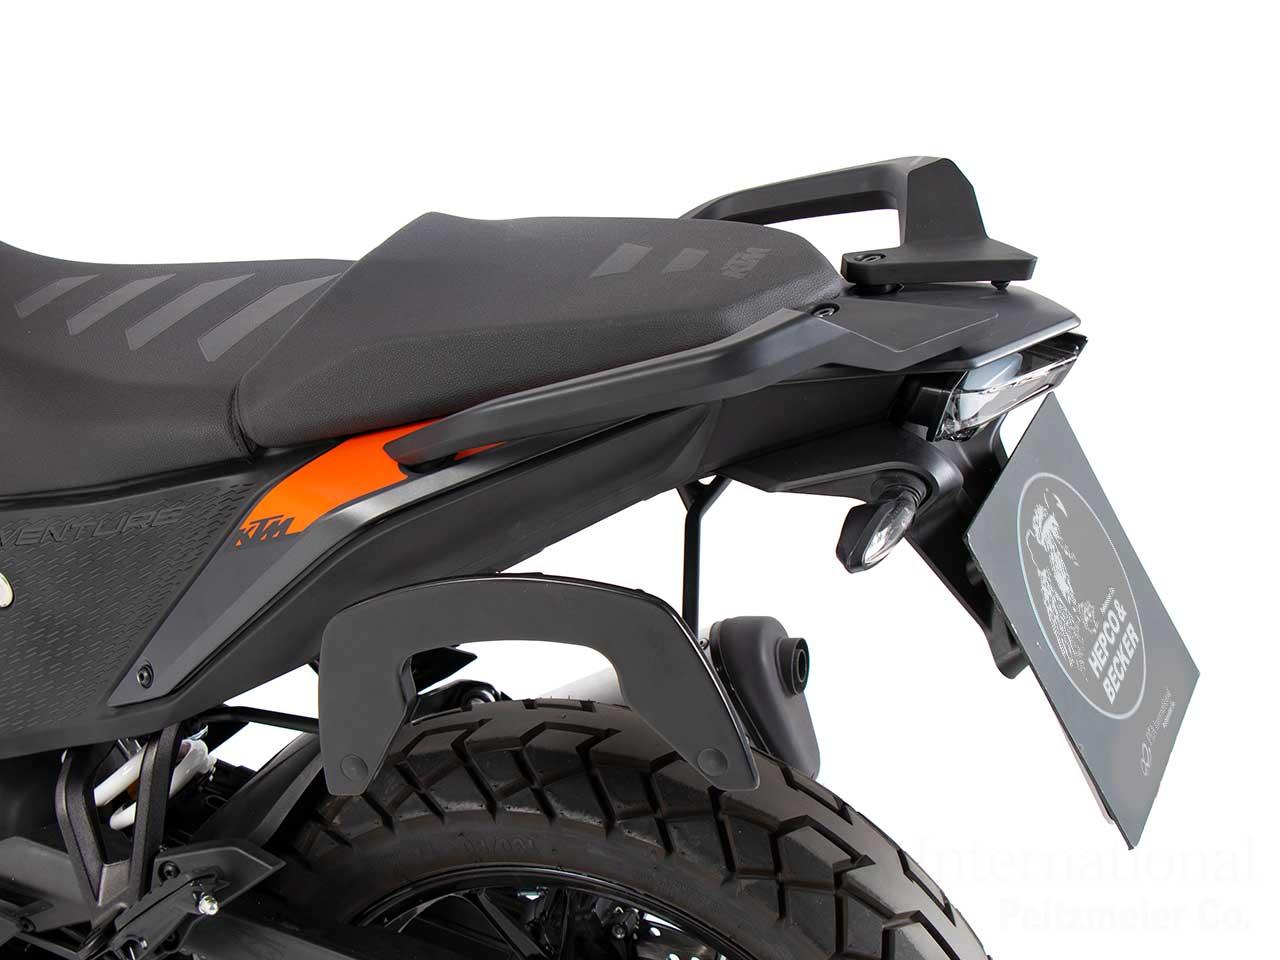 ヘプコ&ベッカー サイドソフトケースホルダー「C-Bow」KTM 390 Adventure ('20-)